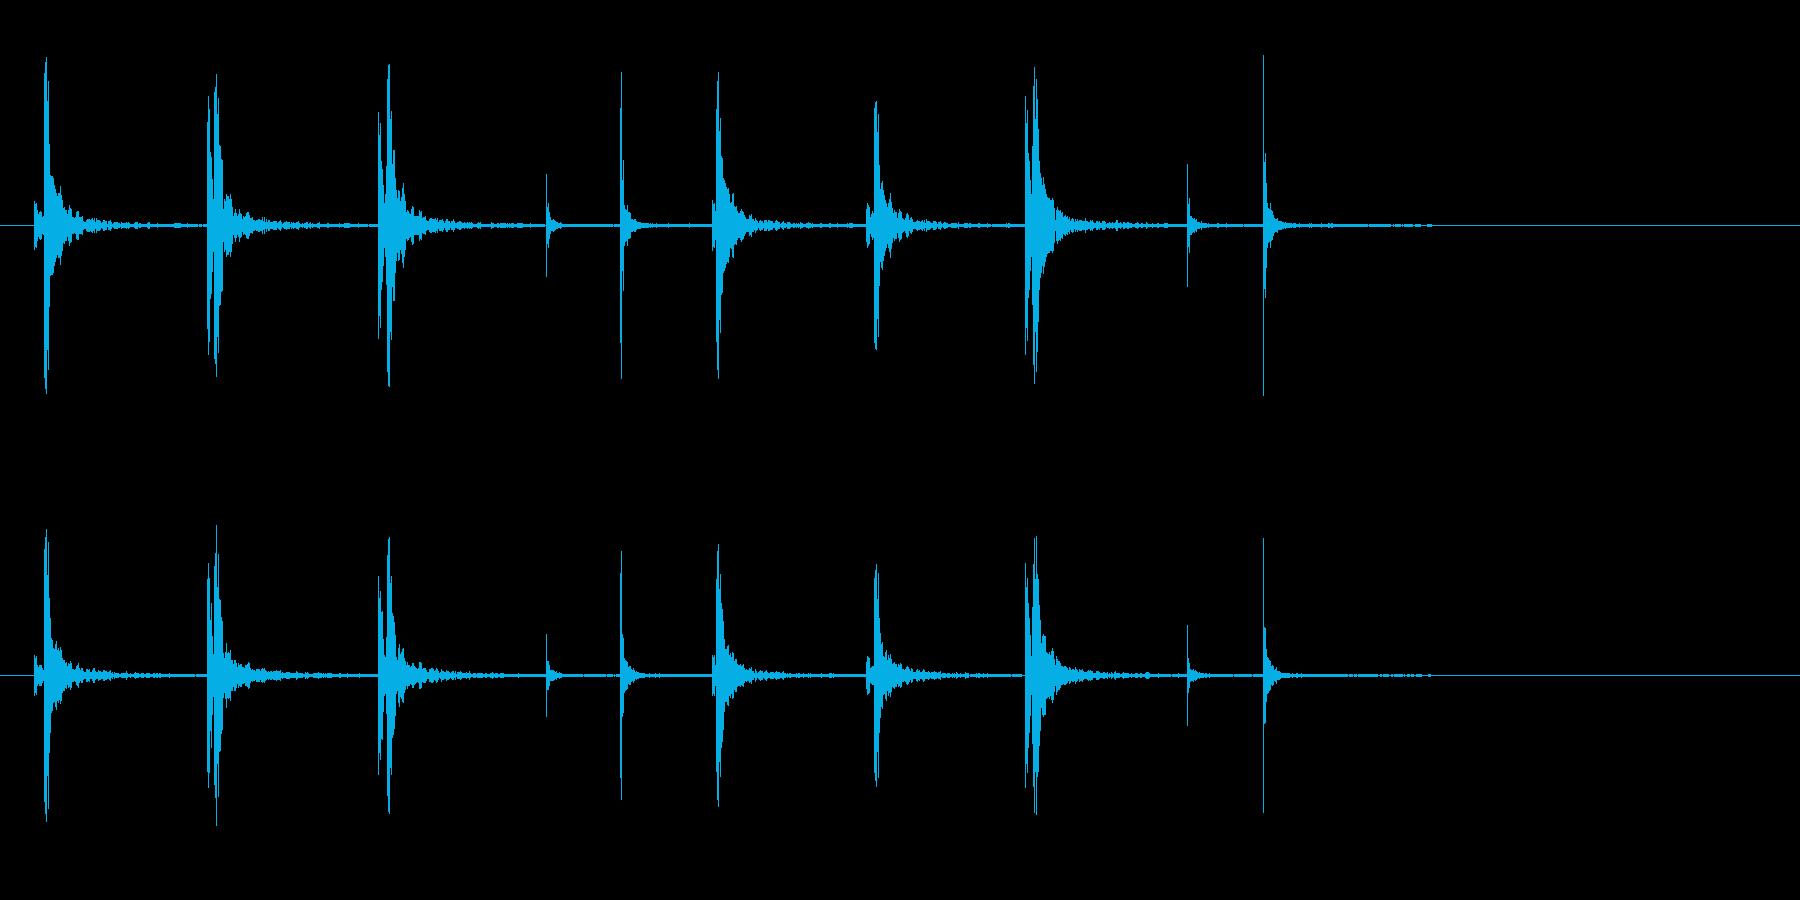 和太鼓の桶胴(おけどう)フレーズ音+Fxの再生済みの波形